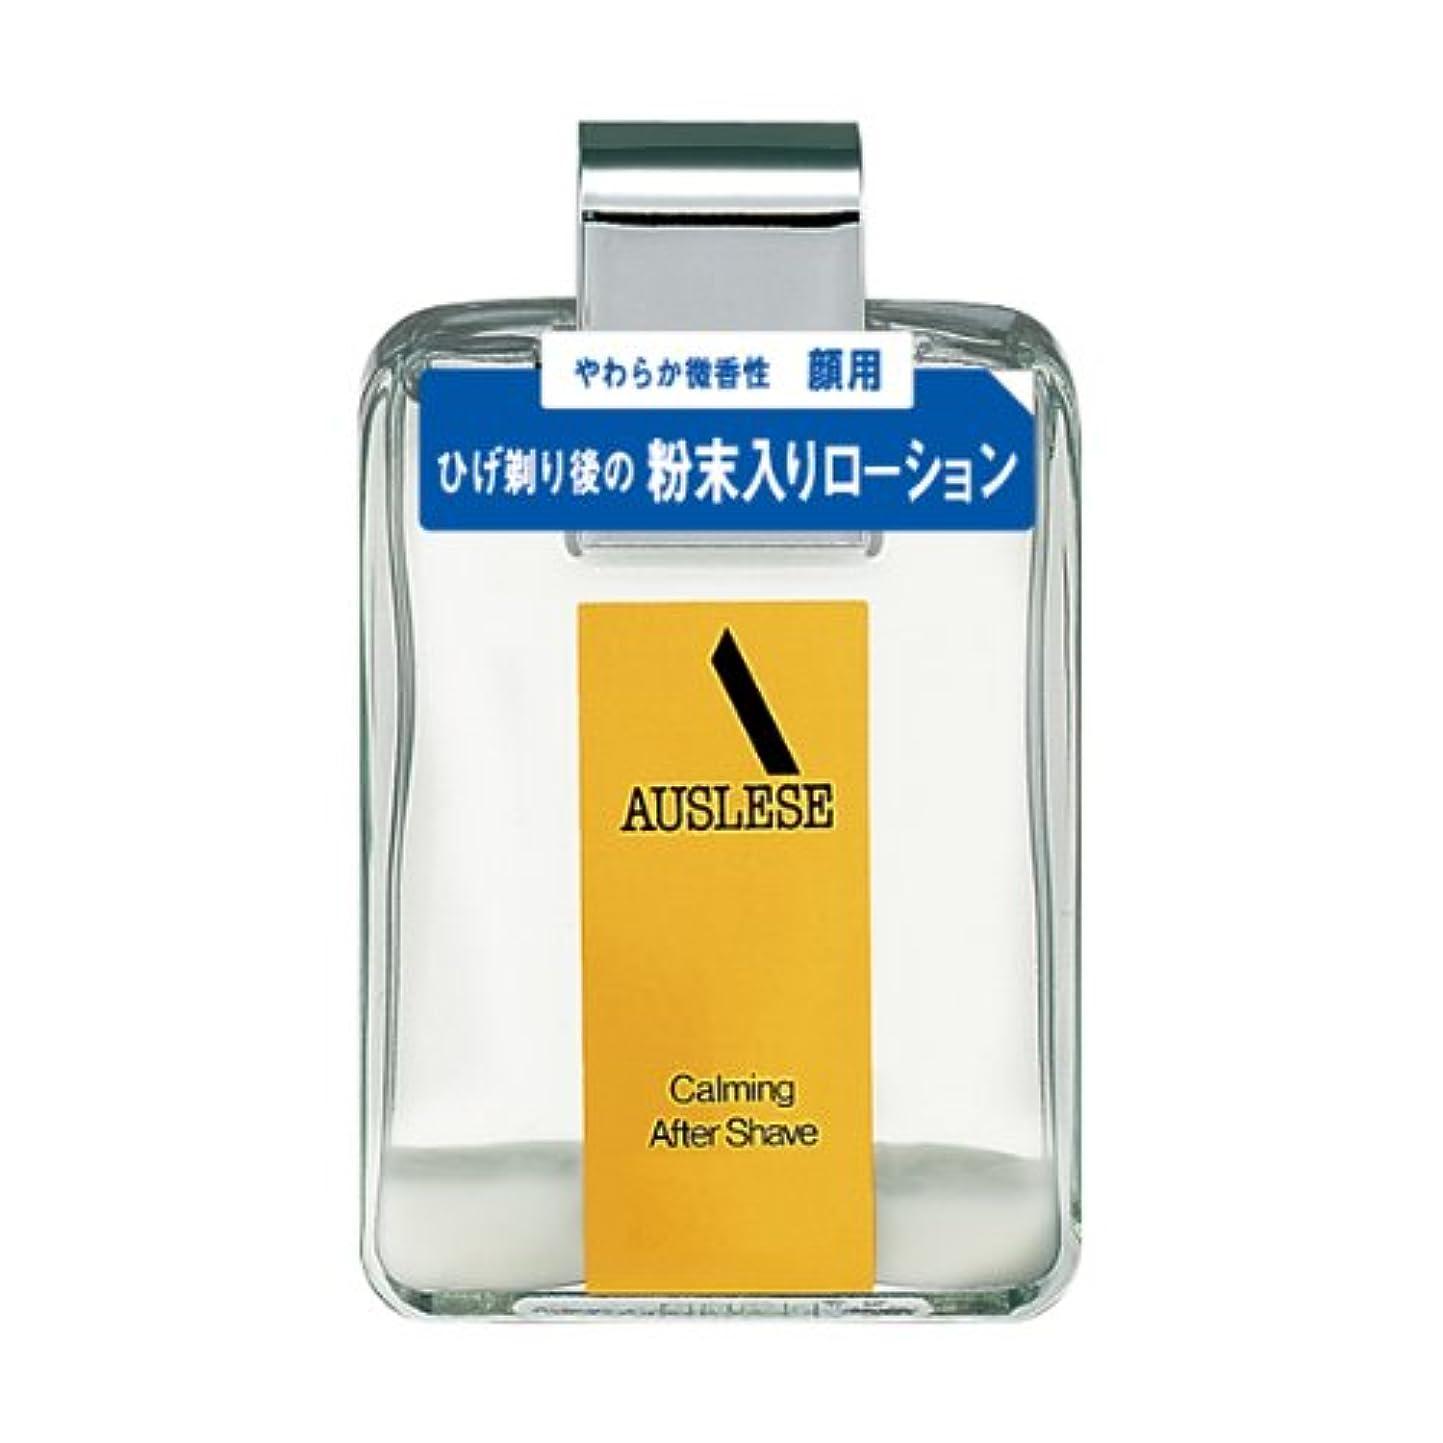 退化する返済スリンクアウスレーゼ カーミングアフターシェーブN 100mL 【医薬部外品】